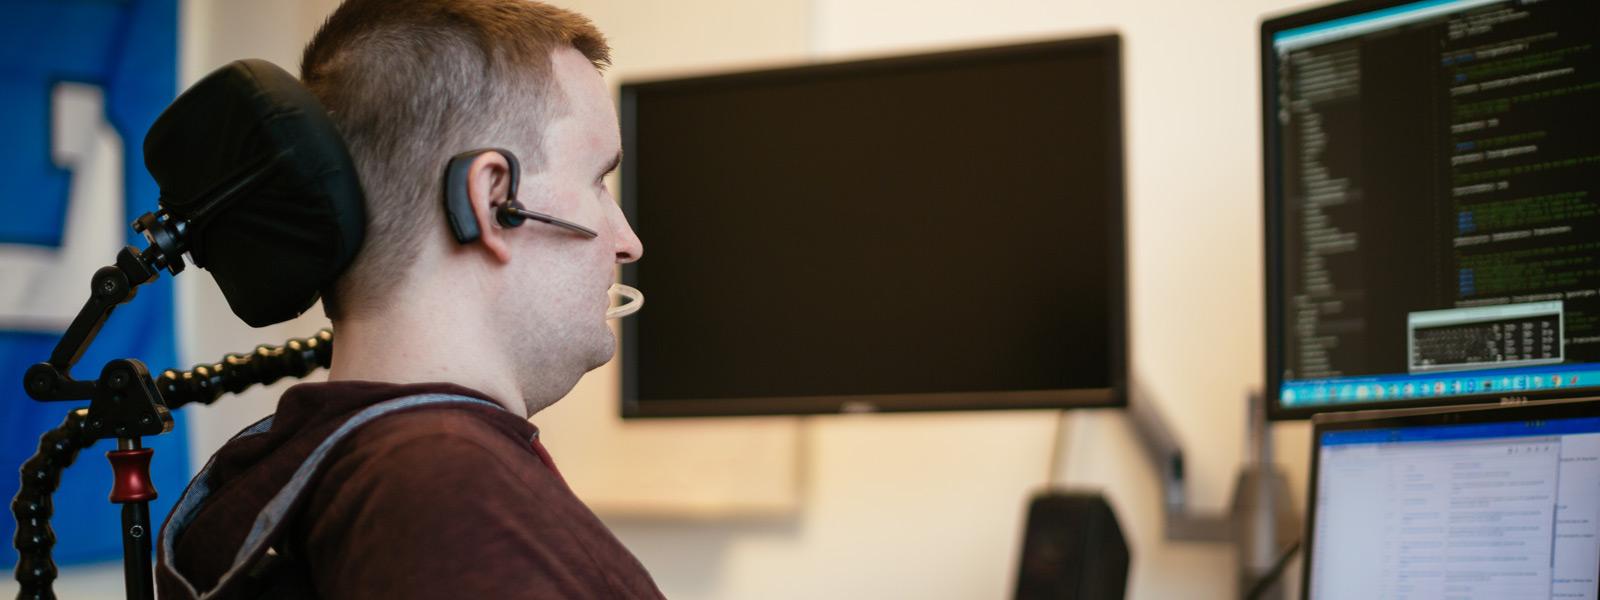 Ein Mann sitzt an einem Tisch und nutzt Hardware-Hilfstechnologien, um einen Windows 10-Computer per Augensteuerung zu bedienen